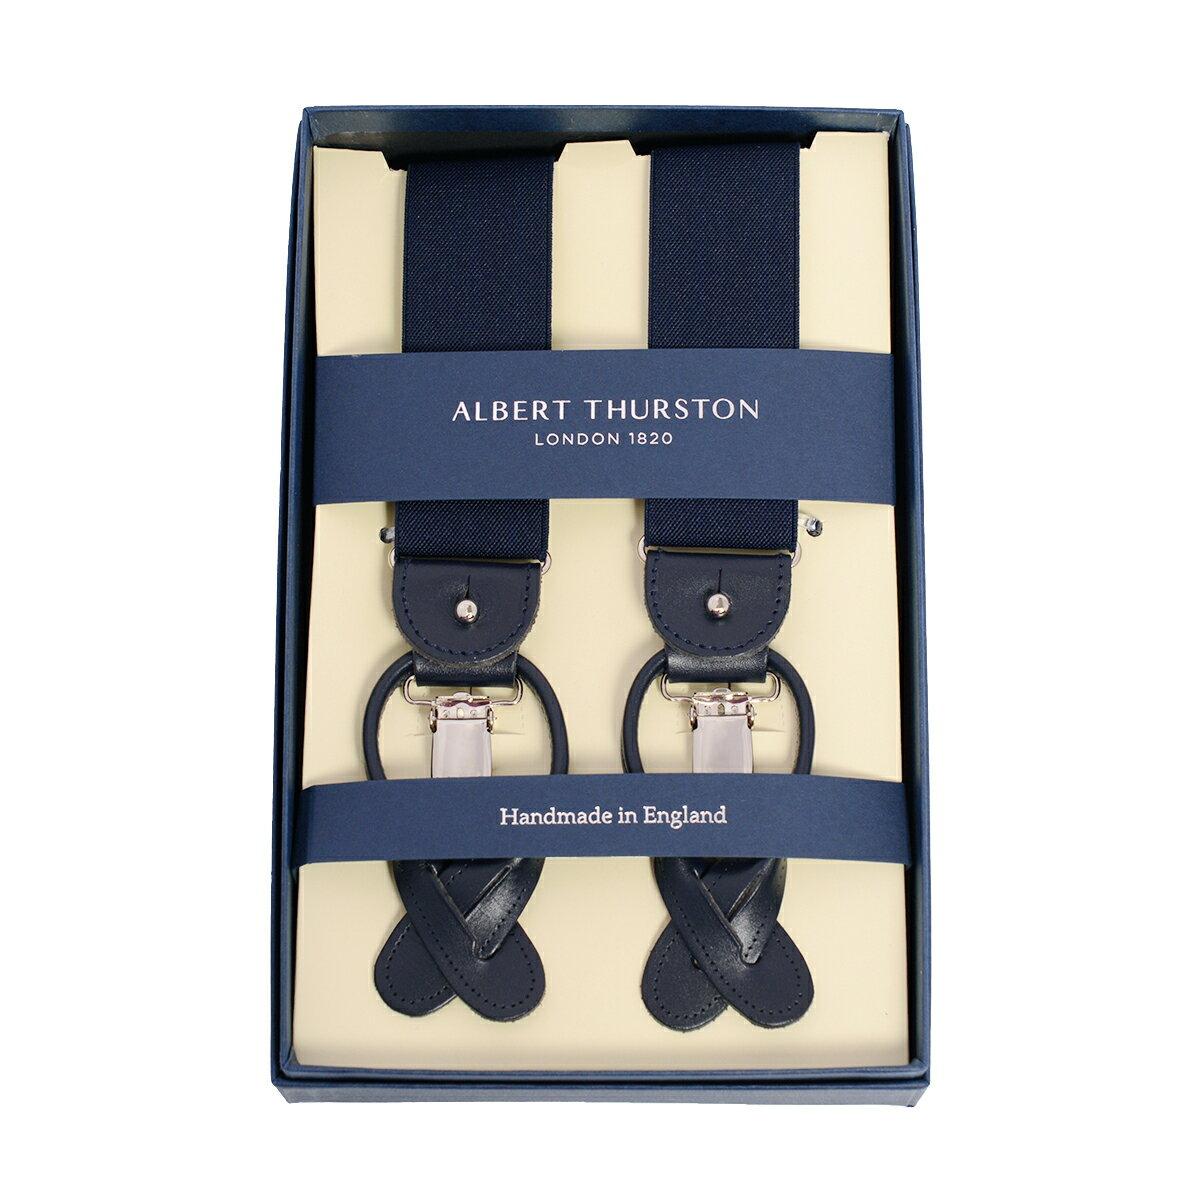 アルバートサーストンALBERT THURSTON サスペンダー ネイビー エラスティック/タキシードサスペンダー/サスペンダー紺